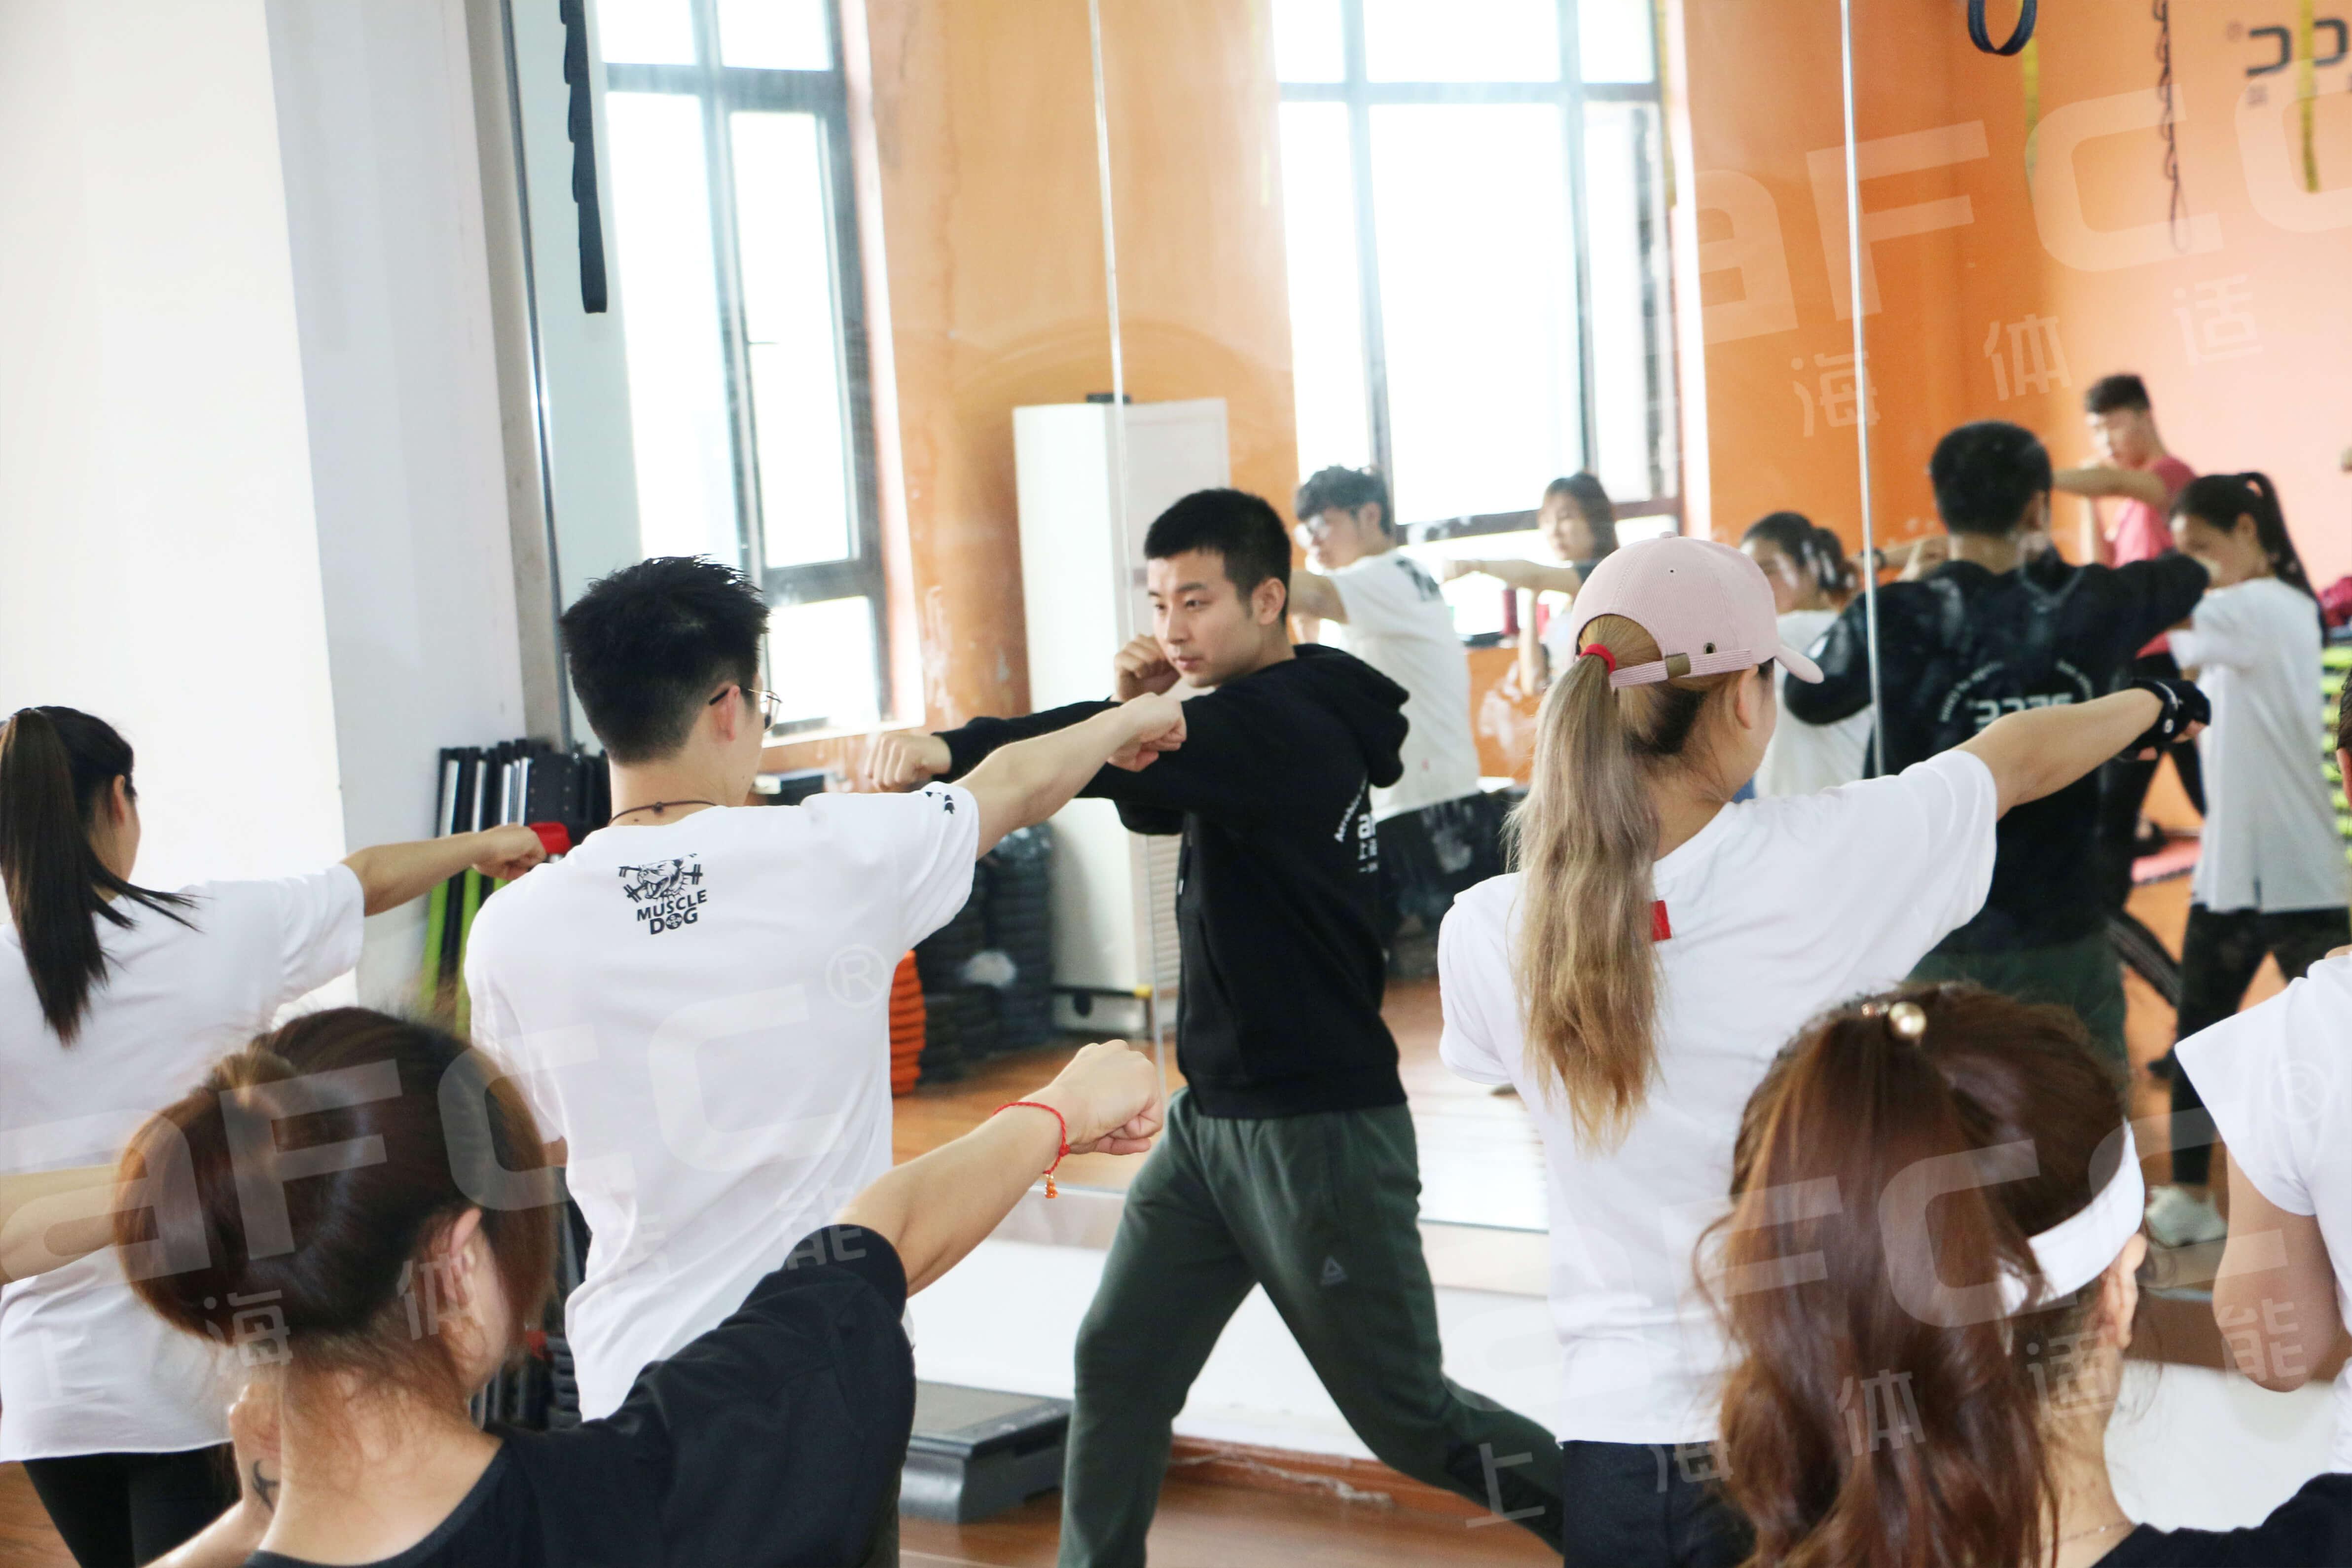 有氧搏击操是在激烈的音乐中进行一些拳击和跆拳道的基本拳法和腿法练习